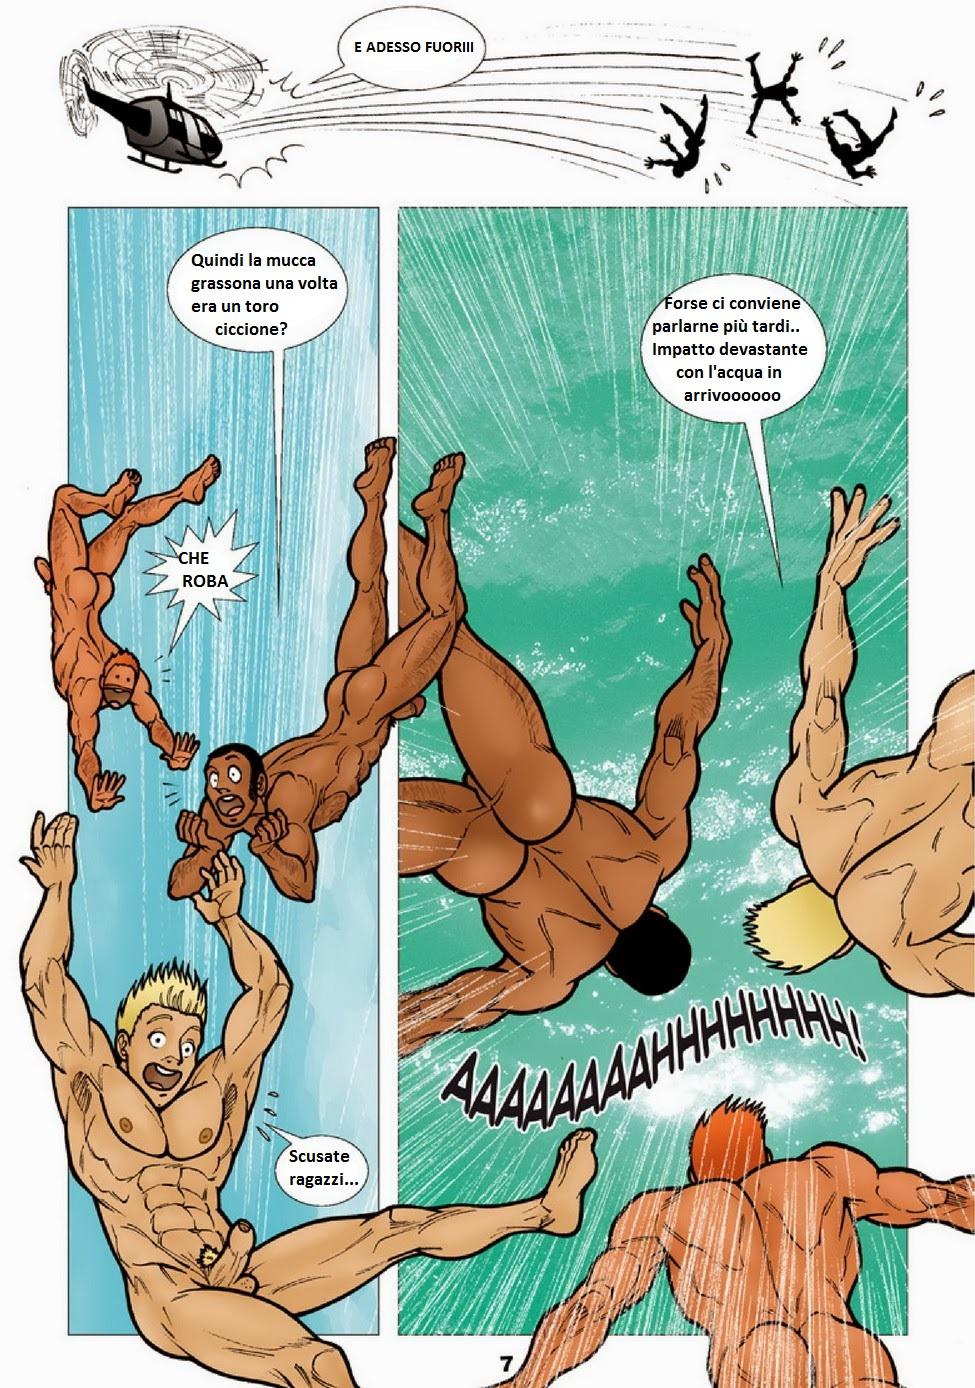 racconti gay tra padre e figlio Savona